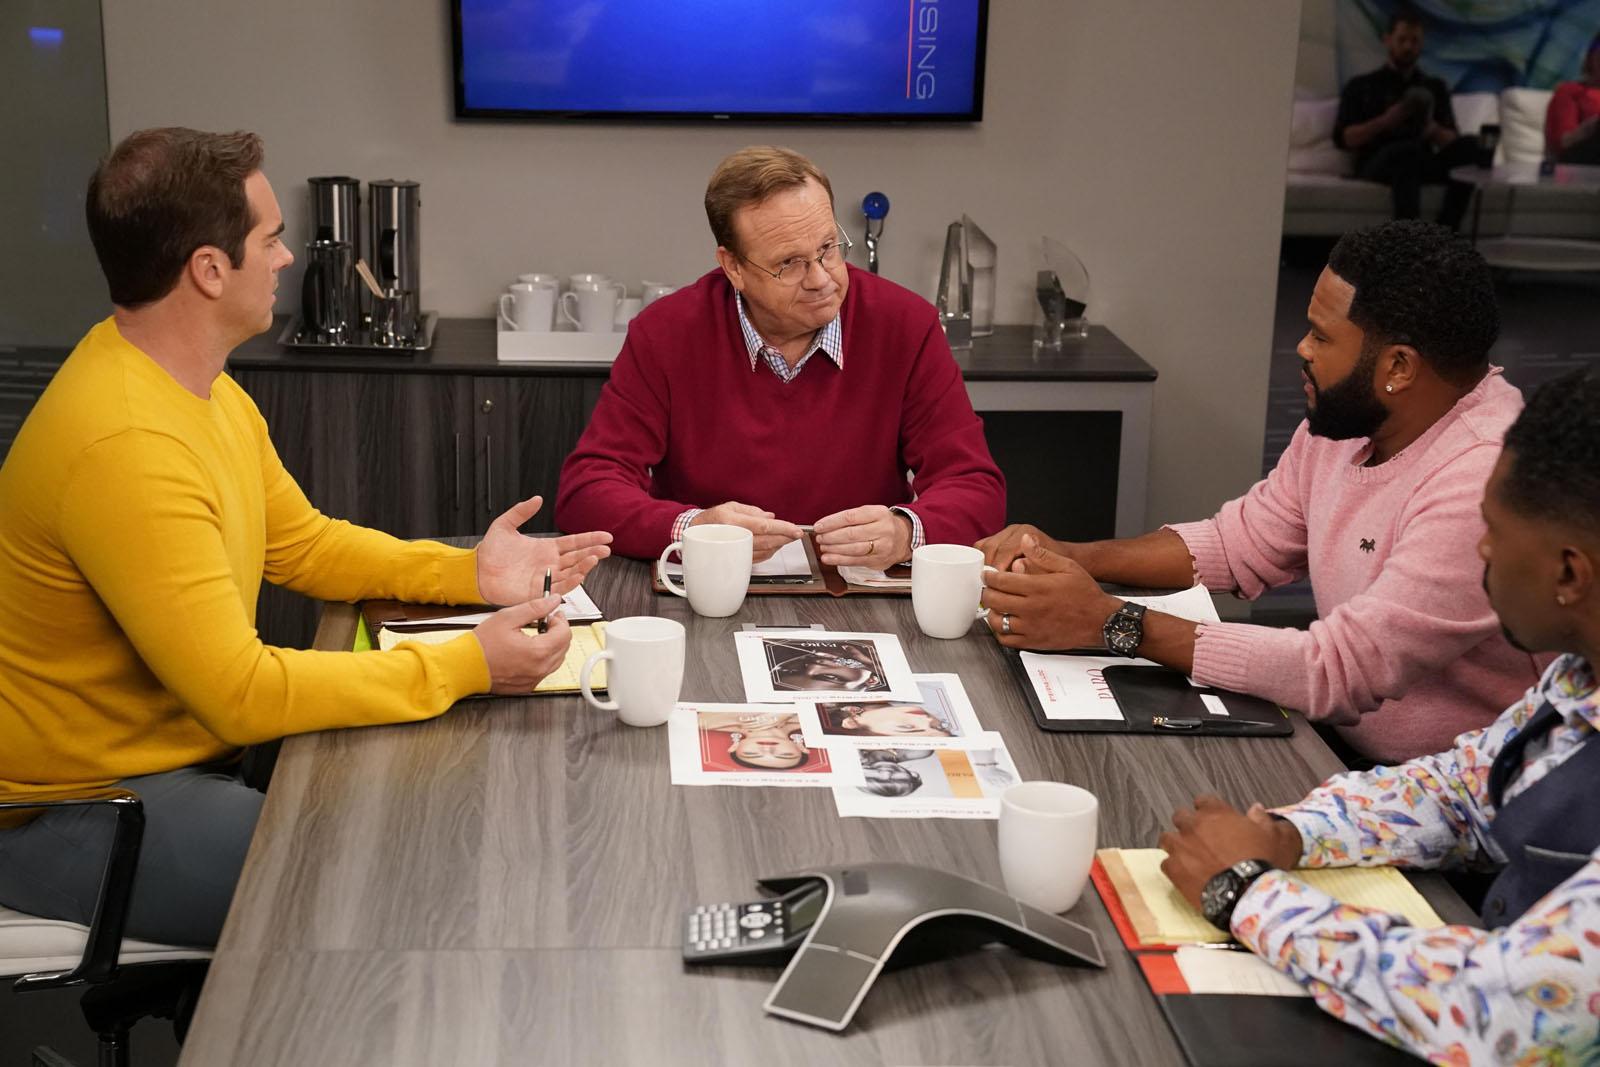 Cena de black-ish. Nela está um homem branco de blusa vinho sentado na ponta de uma mesa. A sua direita estão dois homens negros olhando para ele, com as mãos apoiadas na mesa em sua frente. Do outro lado, na esquerda, um outro homem branco, de blusa amarela e calça cinza, está também olhando para o homem central. No fundo há uma Tv e um balcão encostados em uma parede branca.